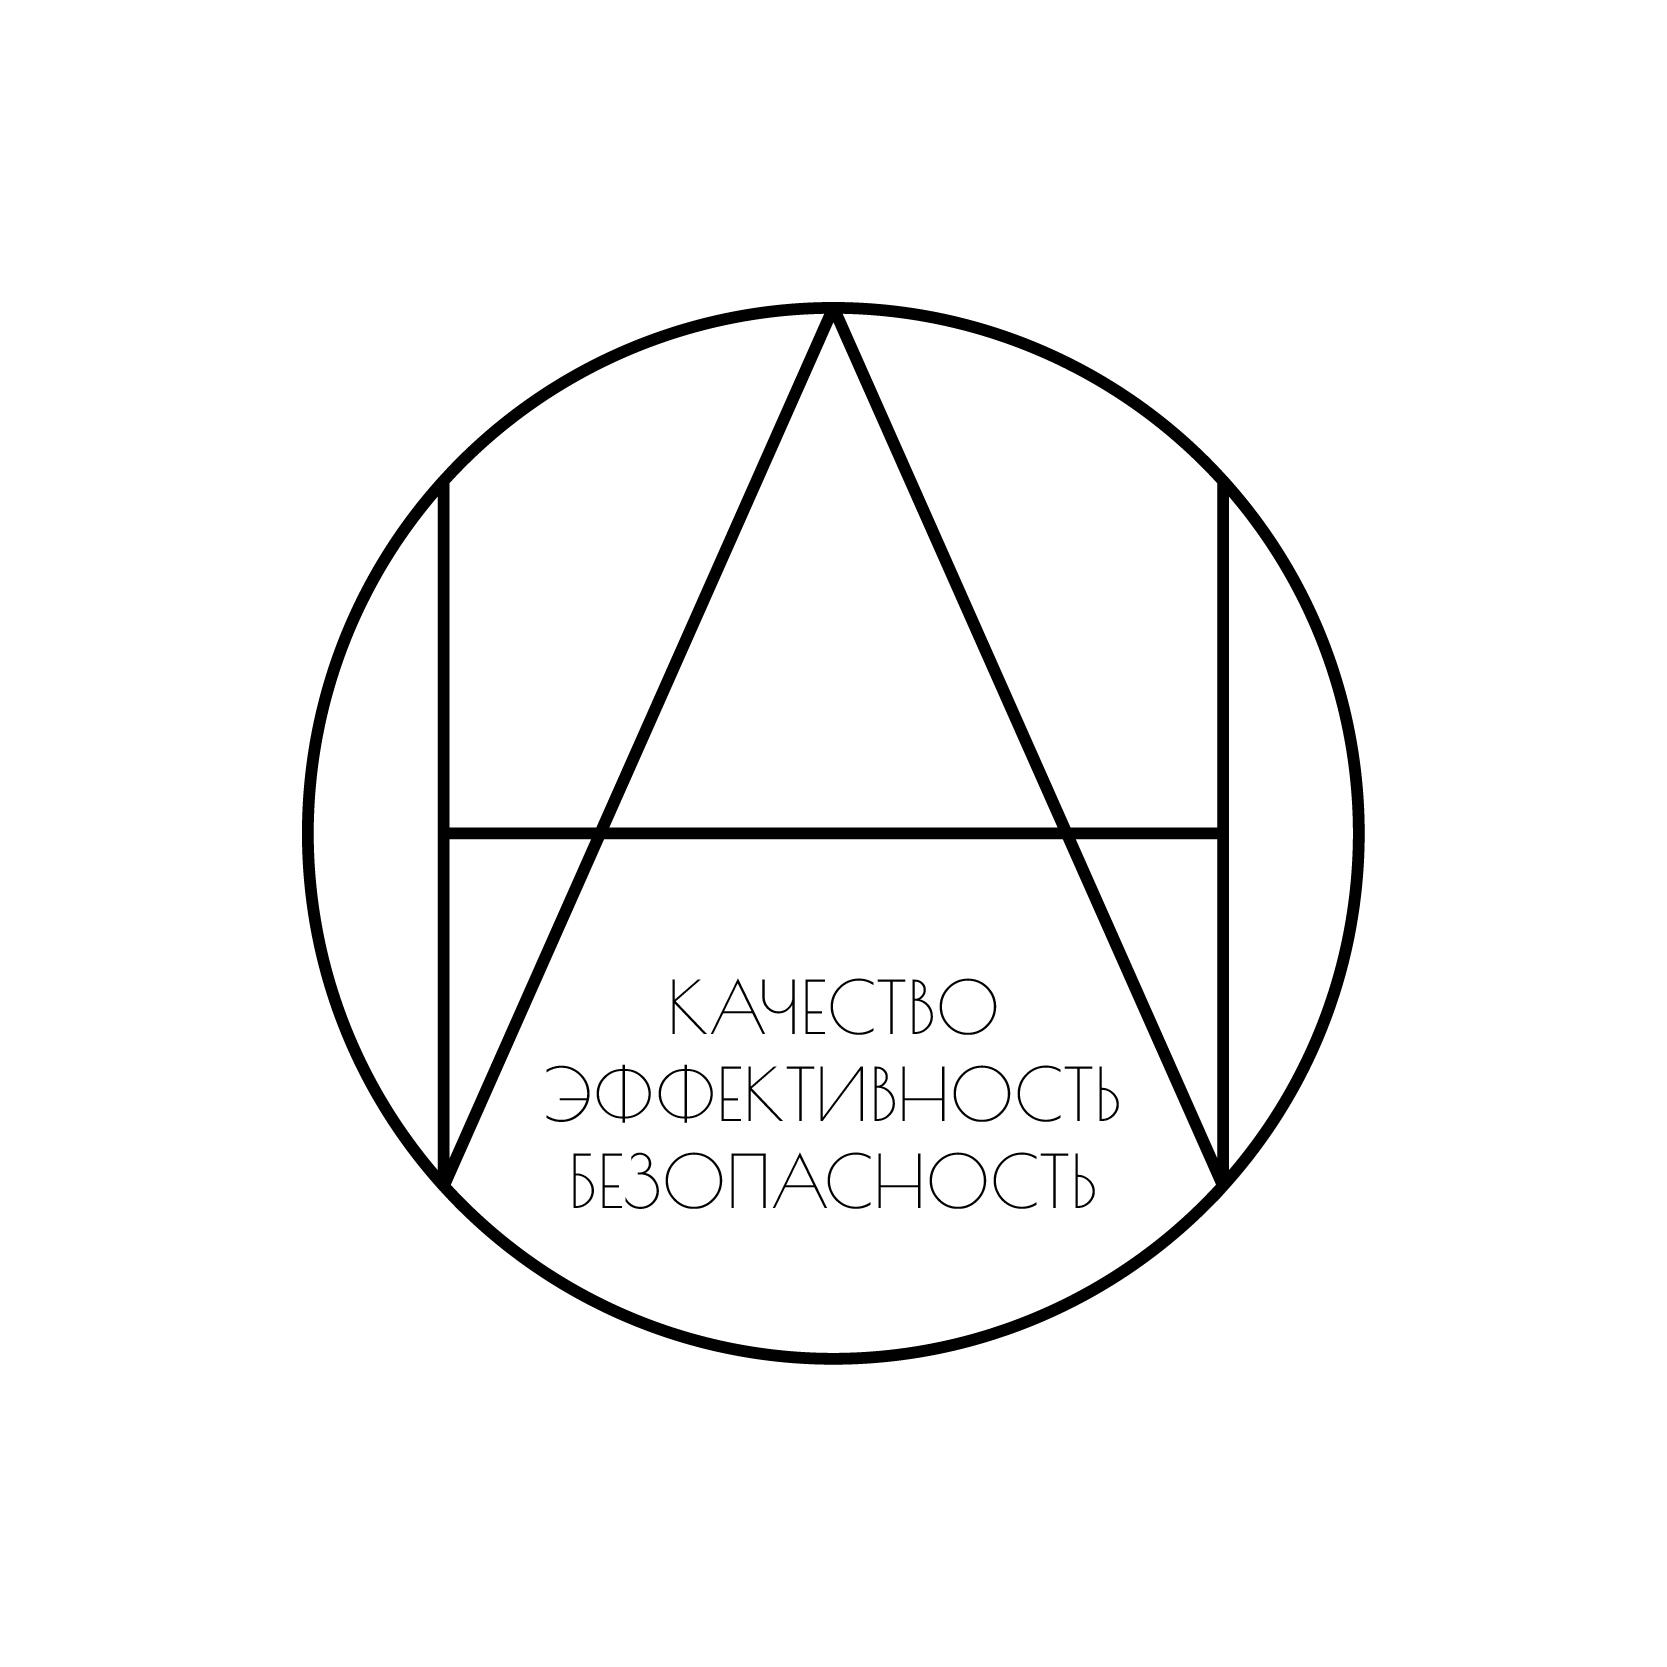 Редизайн логотипа АНО Центр КЭБМИ - BREVIS фото f_8465b1b6a31bd468.png